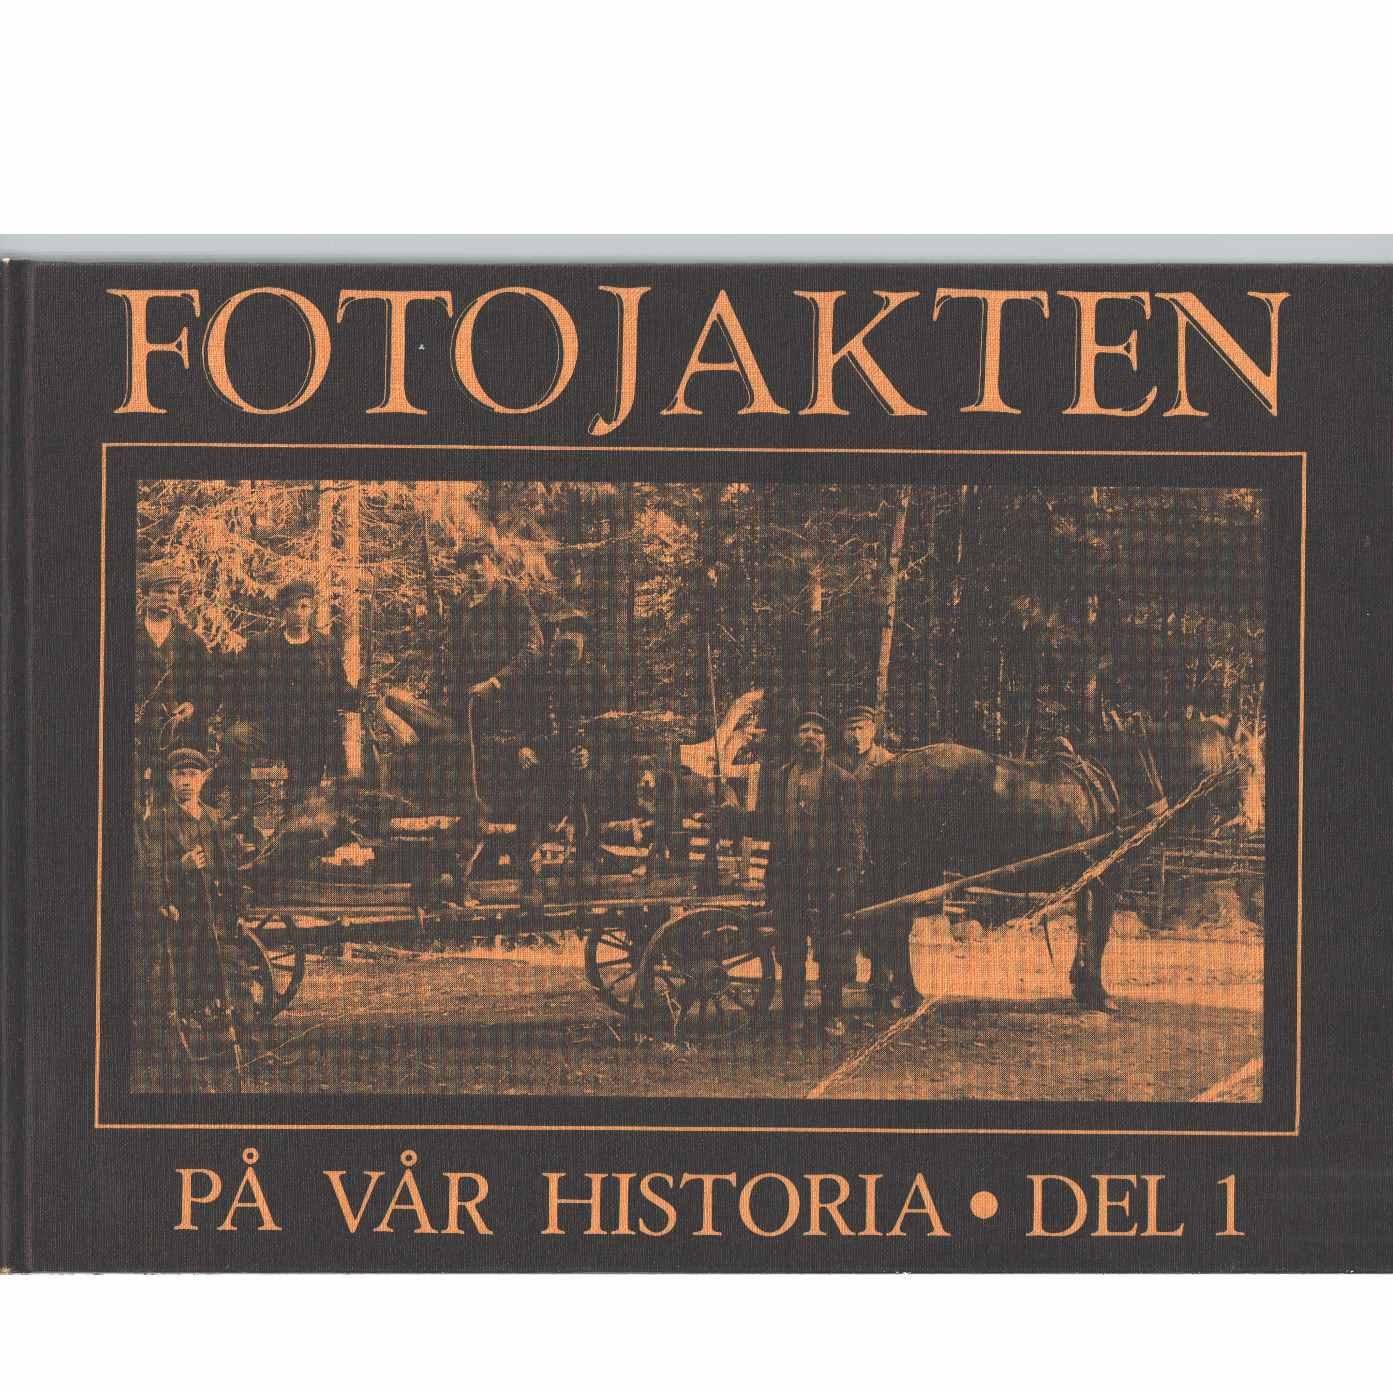 Fotojakten : fotografier från förr i tiden. D. 1  - Red. Nolin, Roland